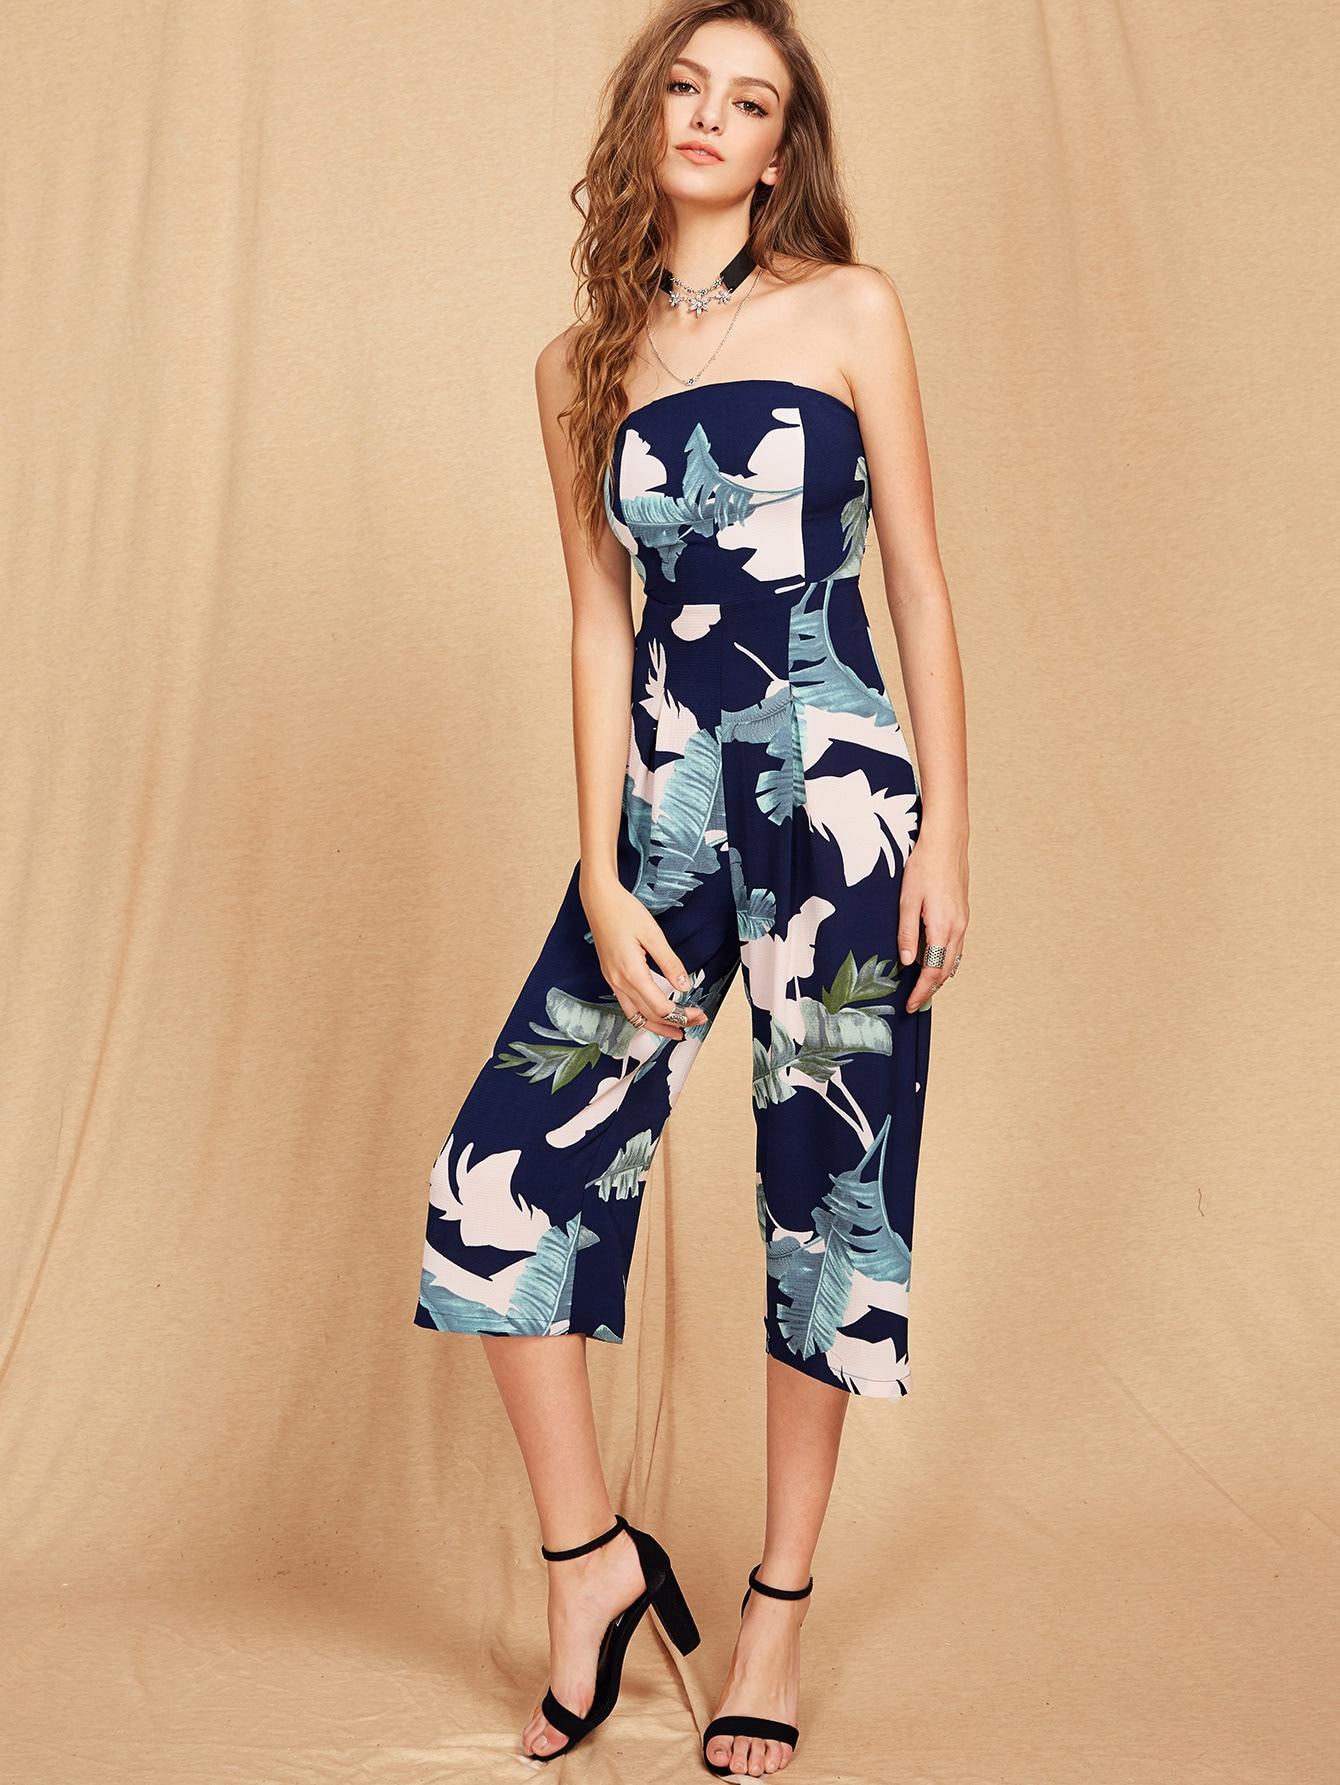 Bardot Tropical Print Backless Jumpsuit jumpsuit170508201